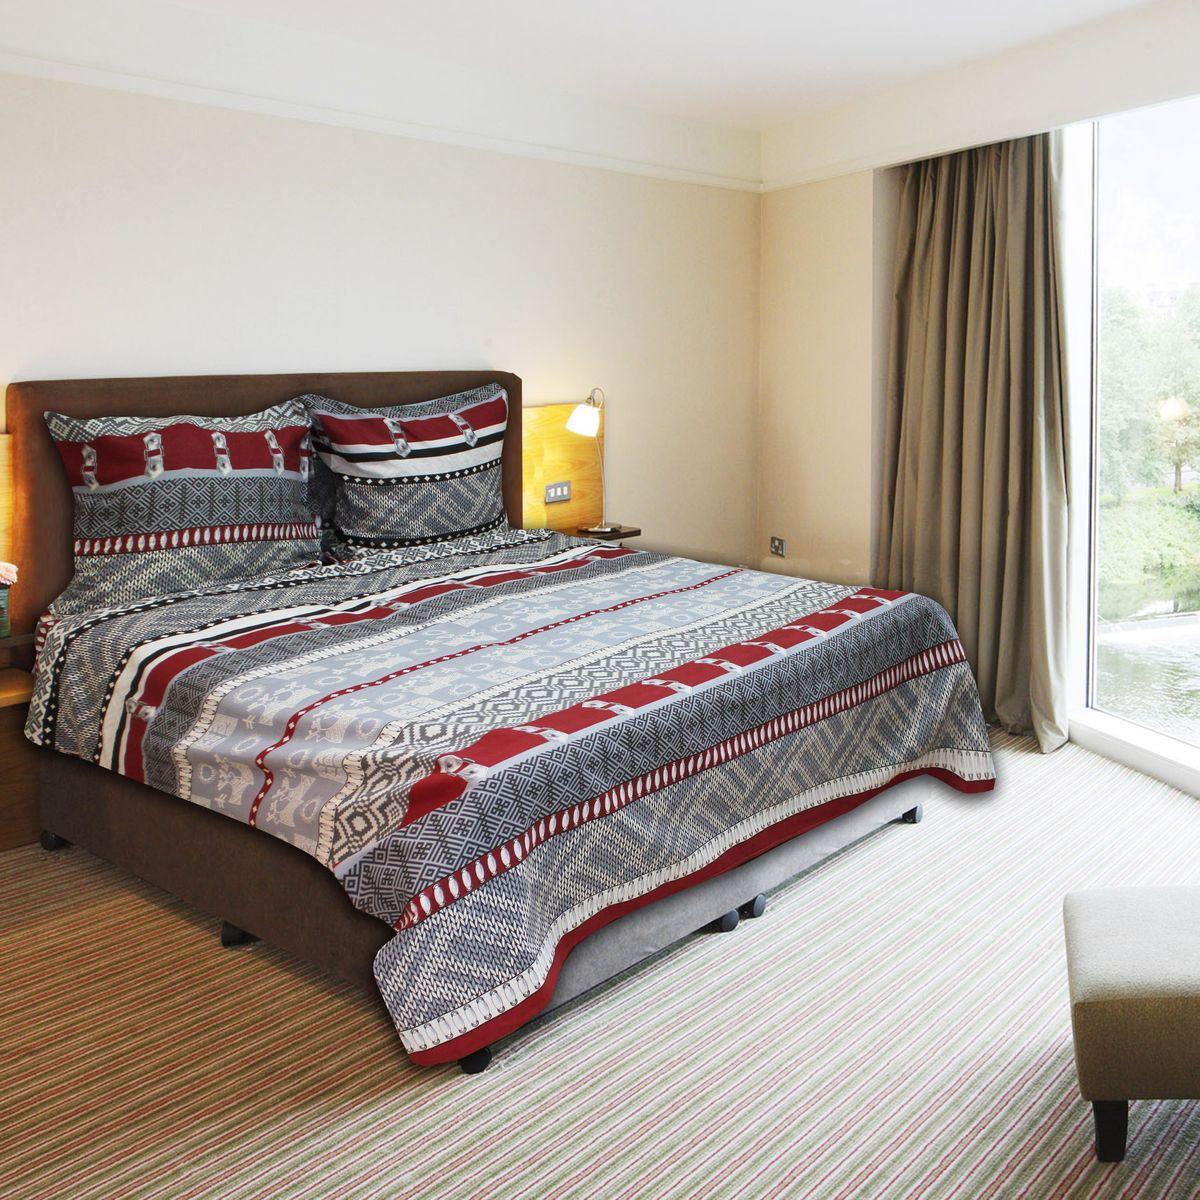 Комплект белья Amore Mio Cage GY, 1,5-спальный, наволочки 70х7077705Постельное белье из бязи практично и долговечно, а самое главное - это 100% хлопок! Материал великолепно отводит влагу, отлично пропускает воздух, не капризен в уходе, легко стирается и гладится. Новая коллекция Naturel 3-D дизайнов позволит выбрать постельное белье на любой вкус!